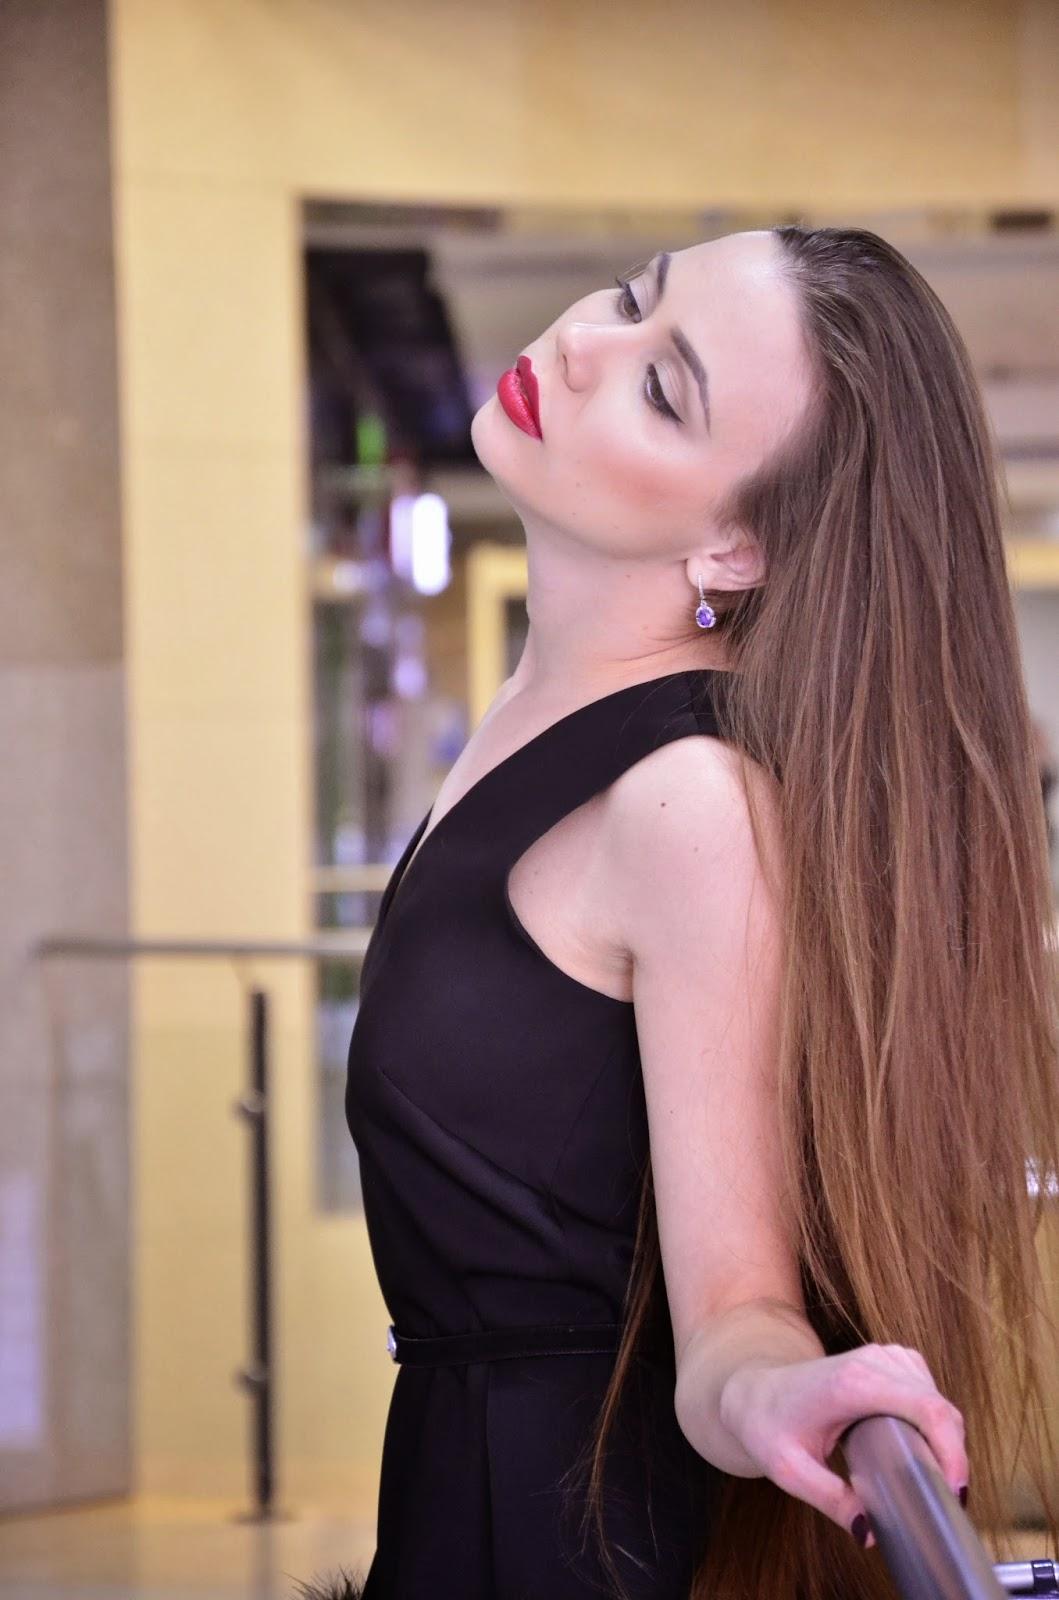 the long hair